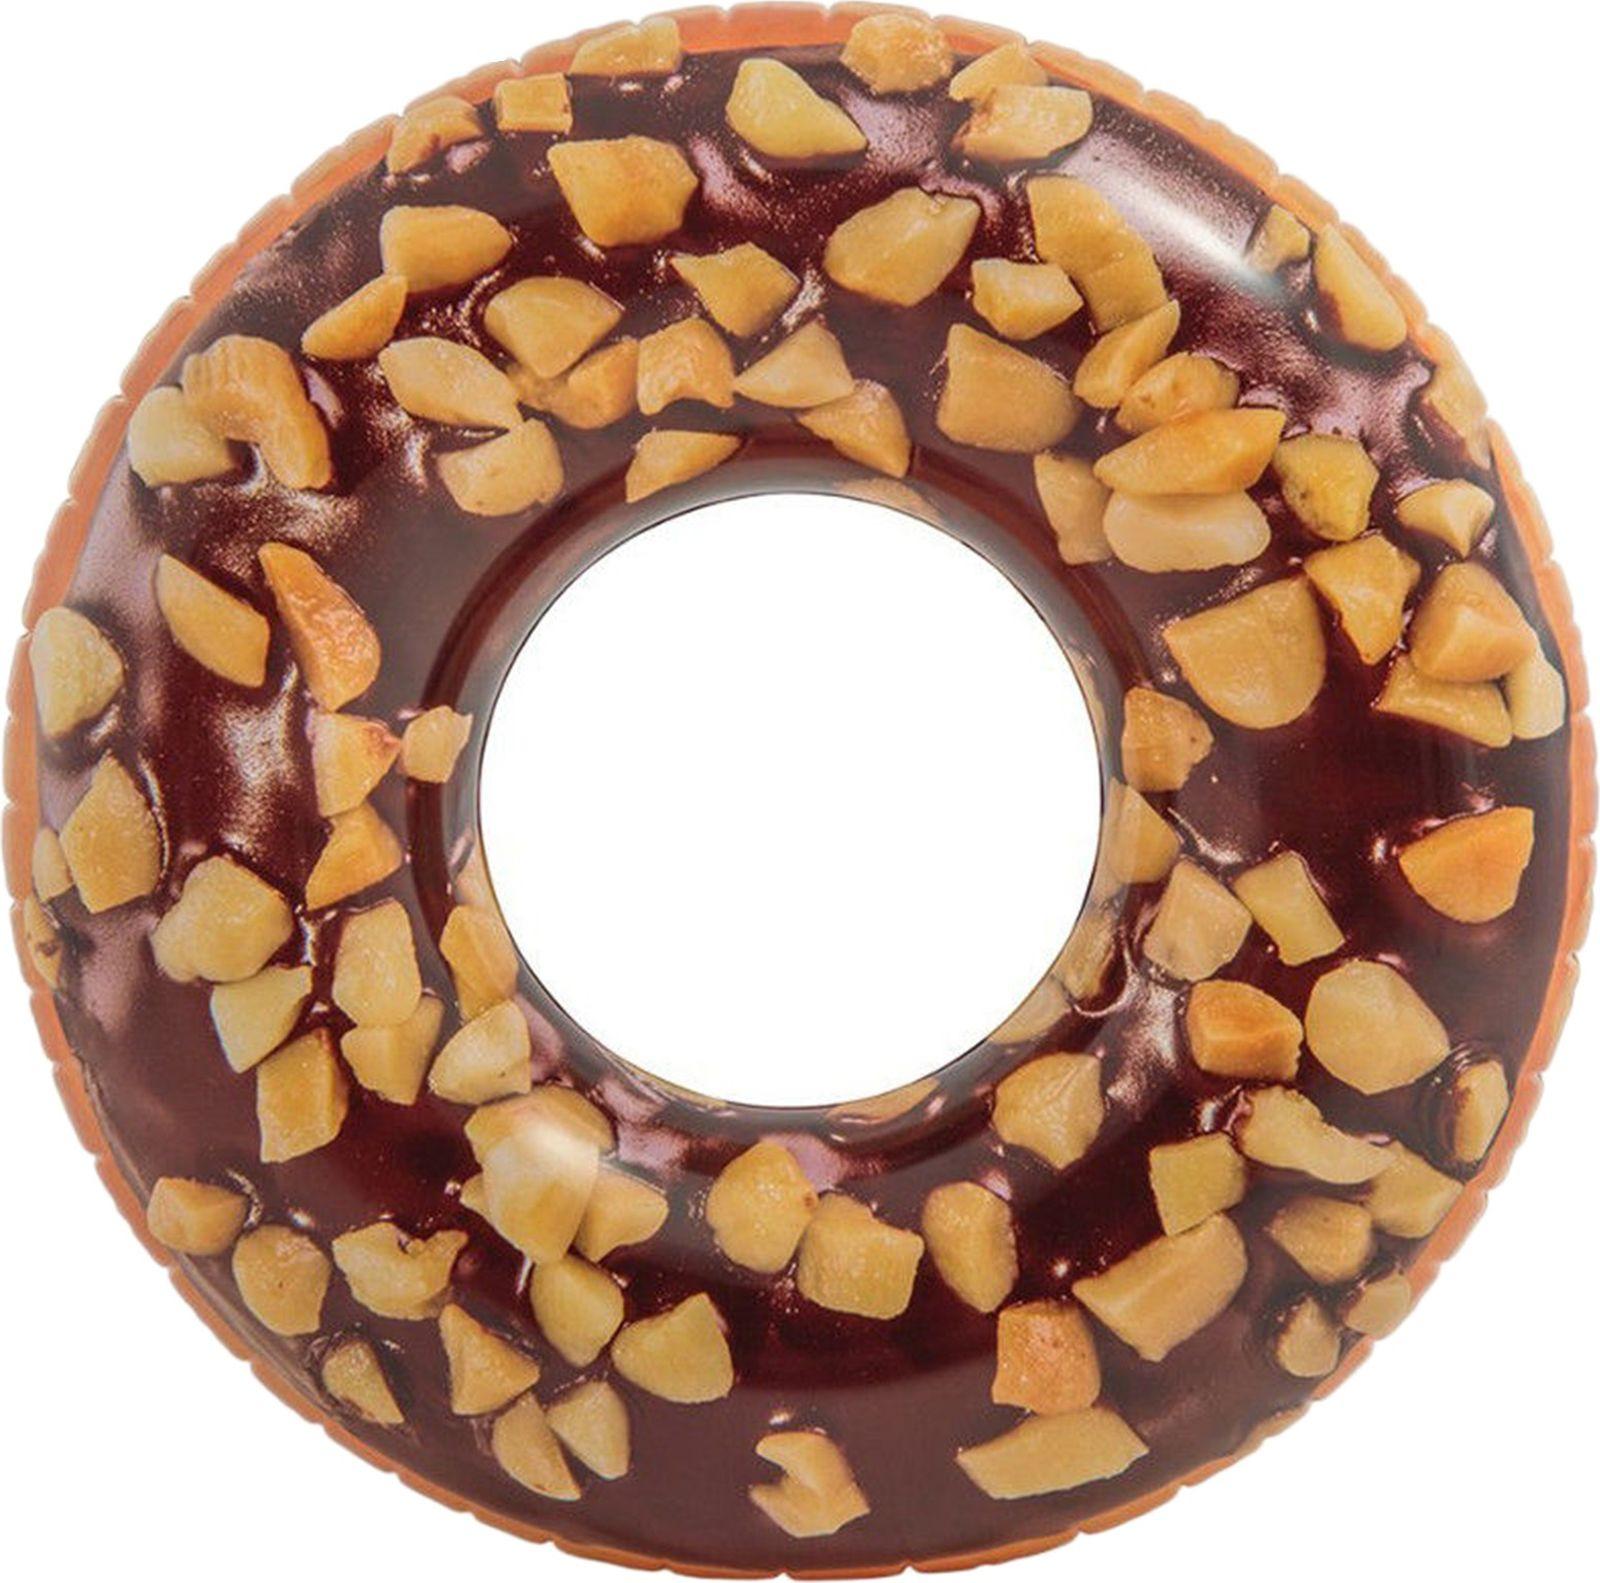 Круг надувной Intex Пончик шоколад, 56262NP, диаметр 114 см цена